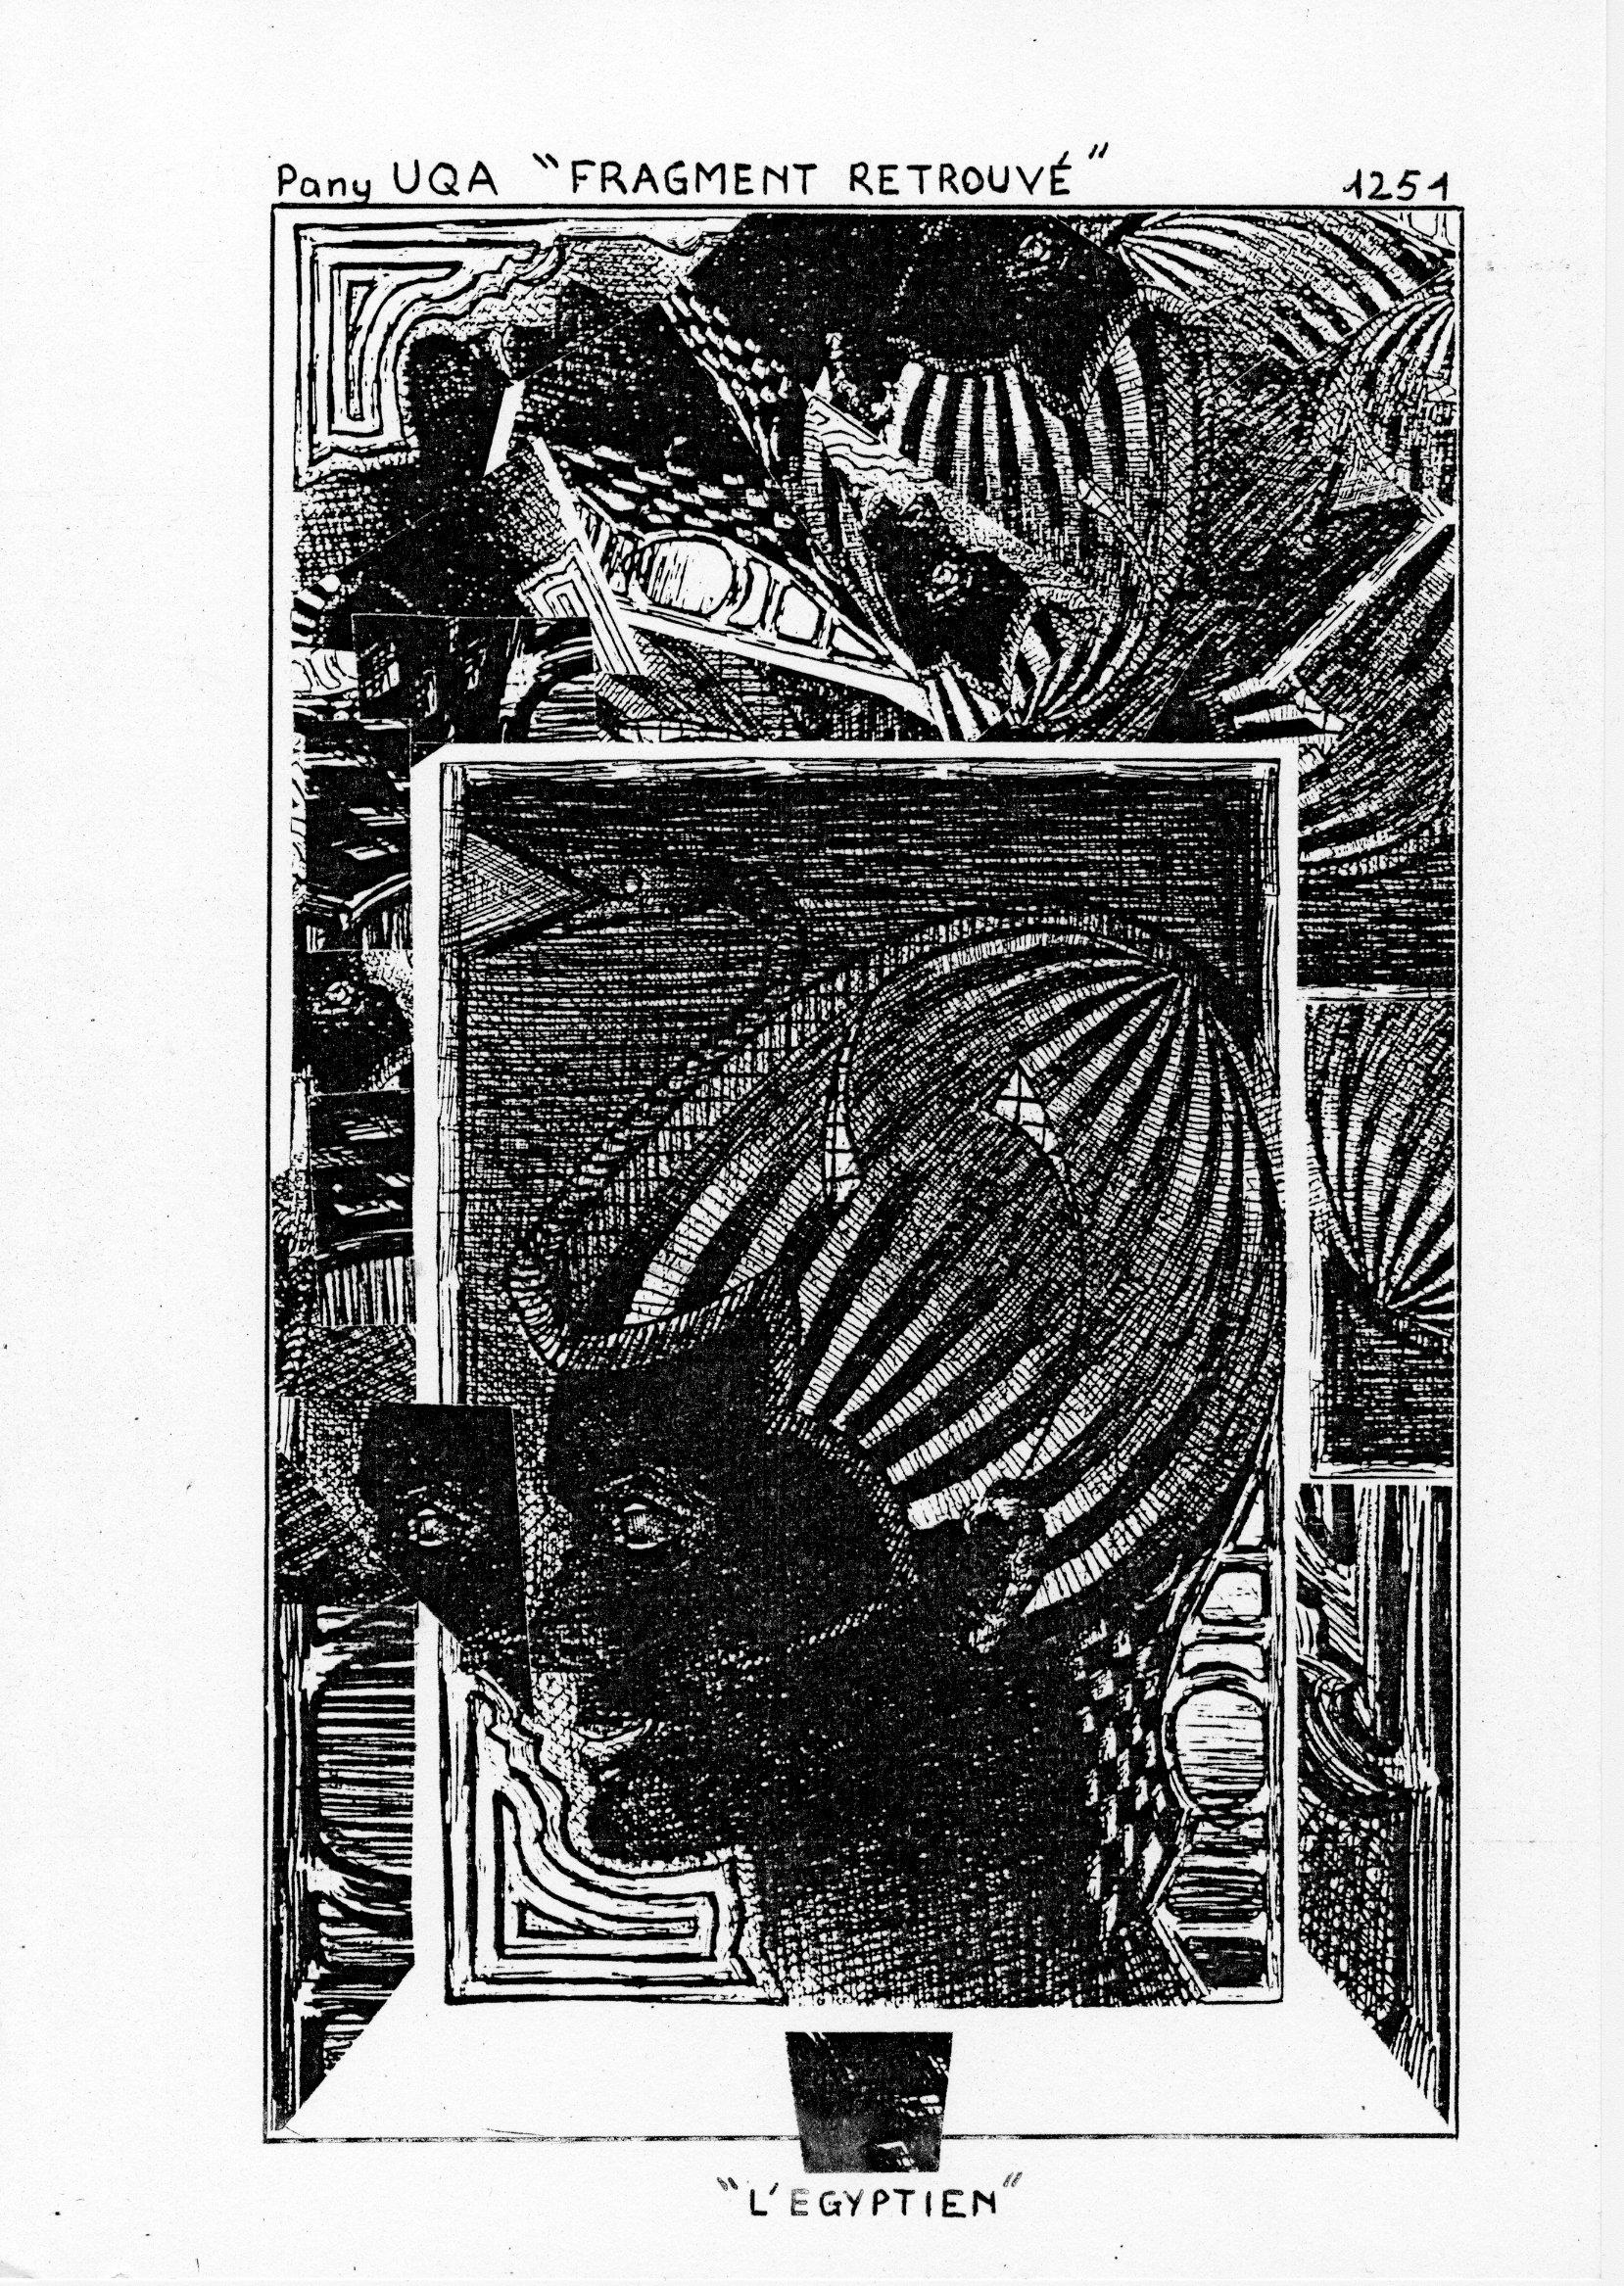 page 1251 P. Uqa FRAGMENT RETROUVE -LA MARSIENNE